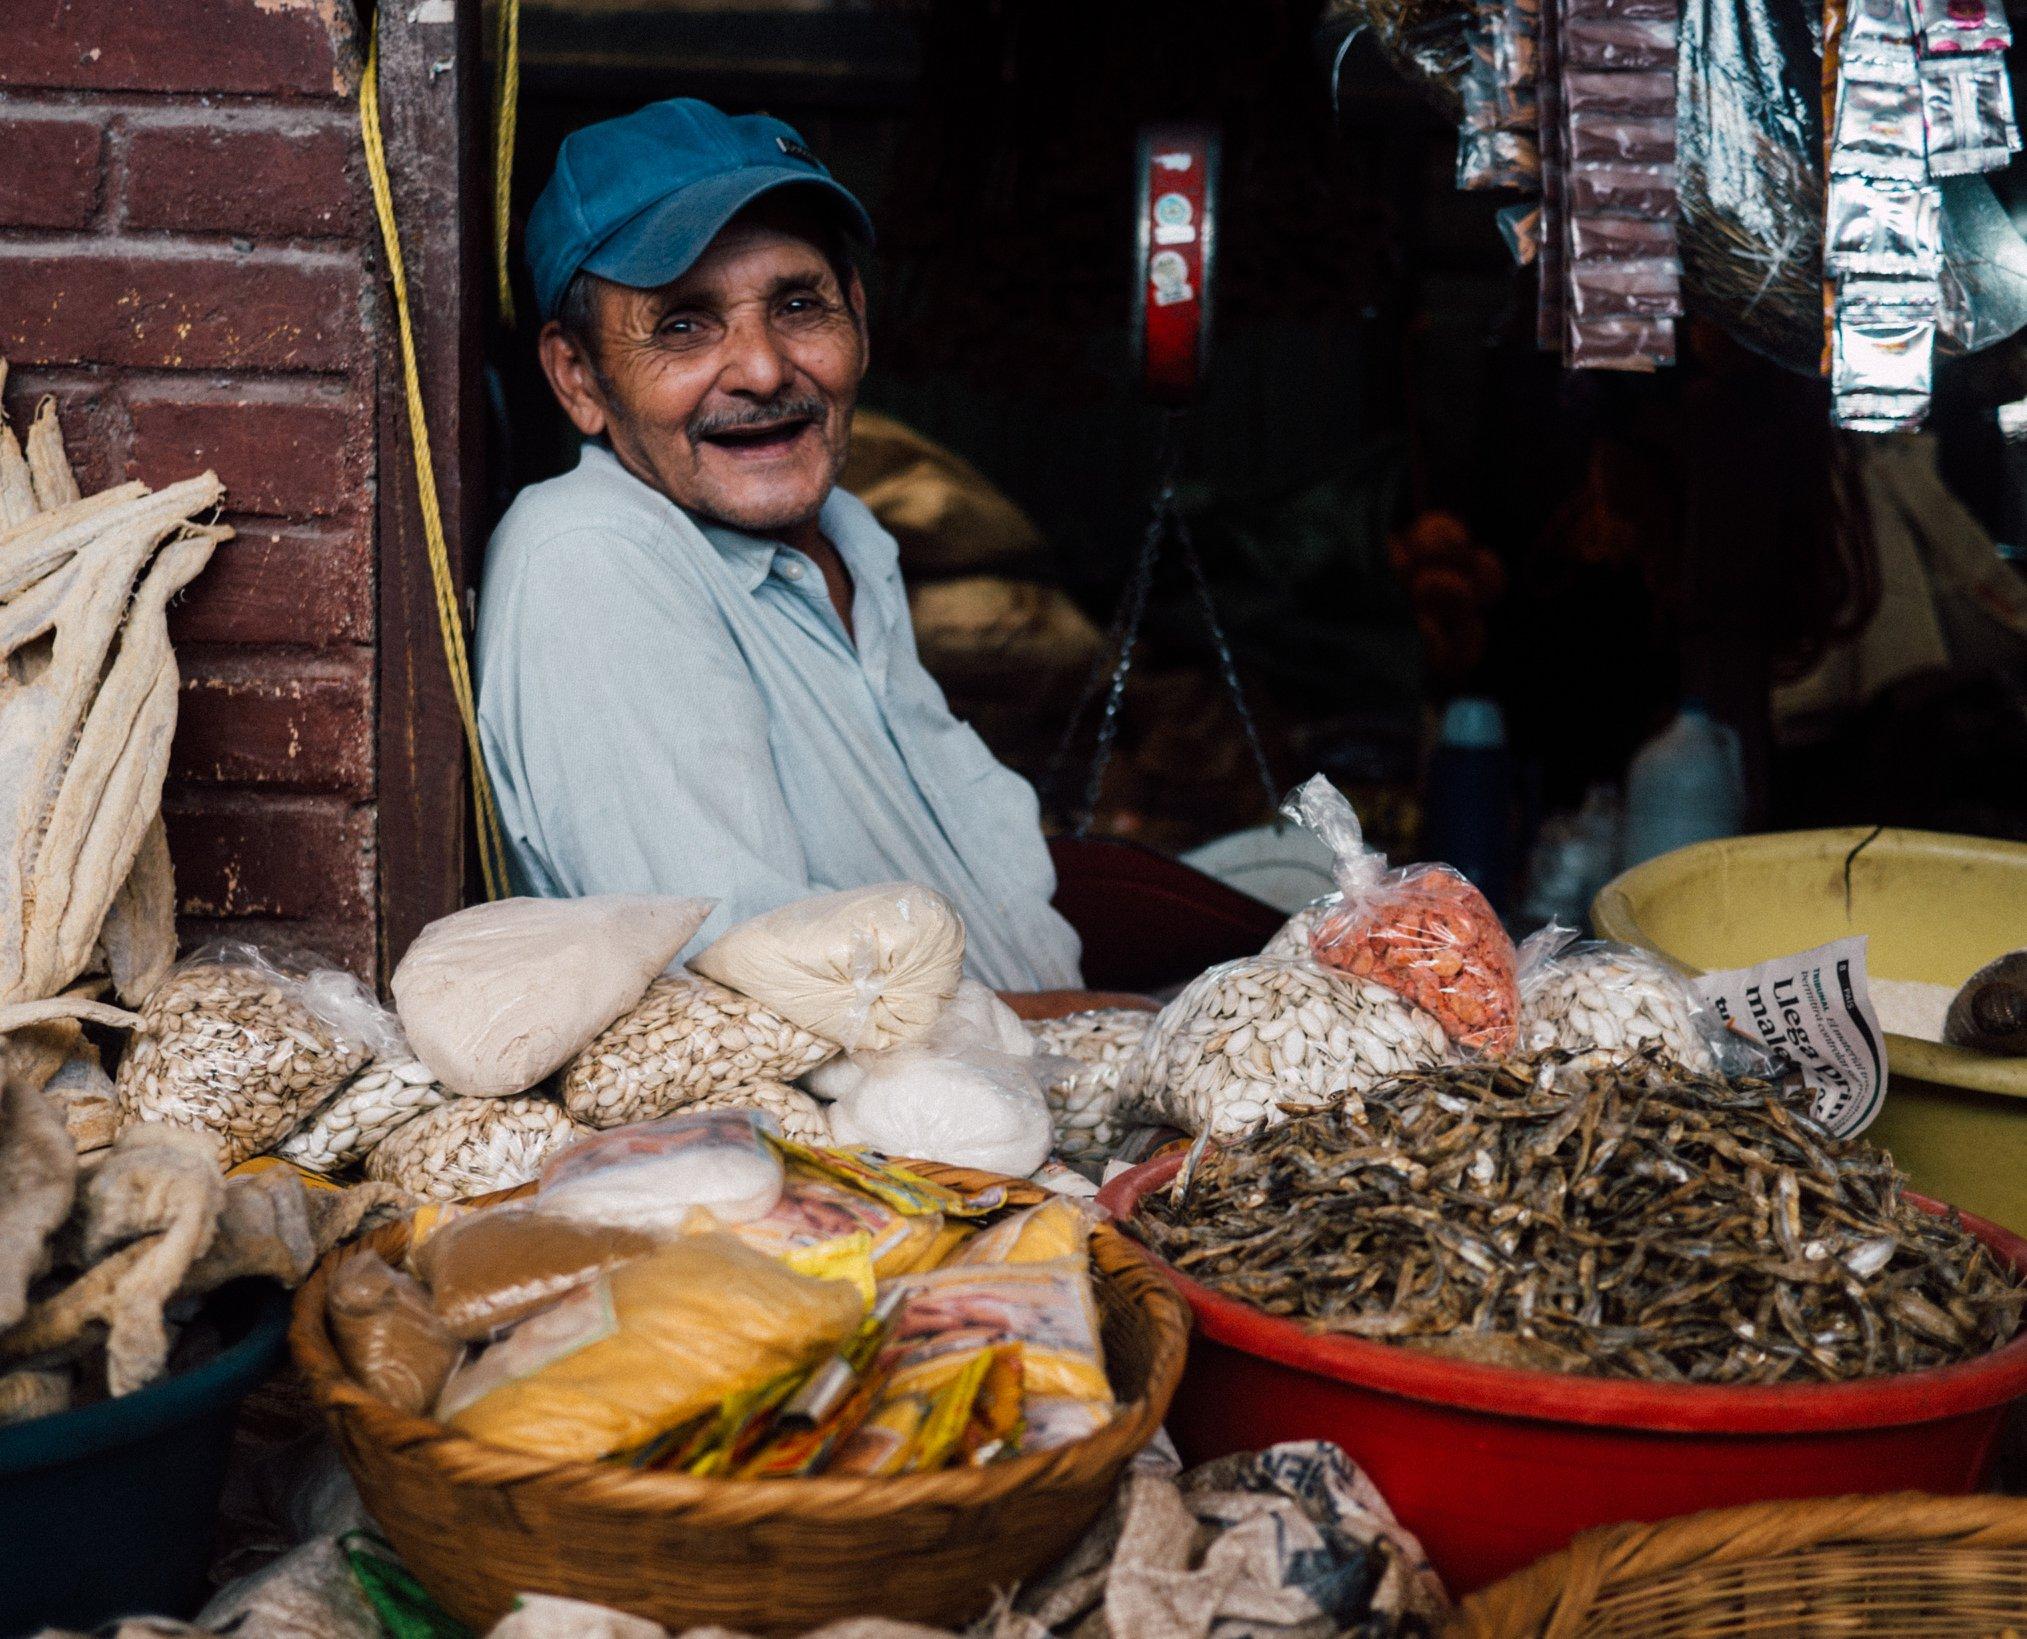 【咖啡產地之旅】宏都拉斯咖啡-咖啡產量為中美洲之冠